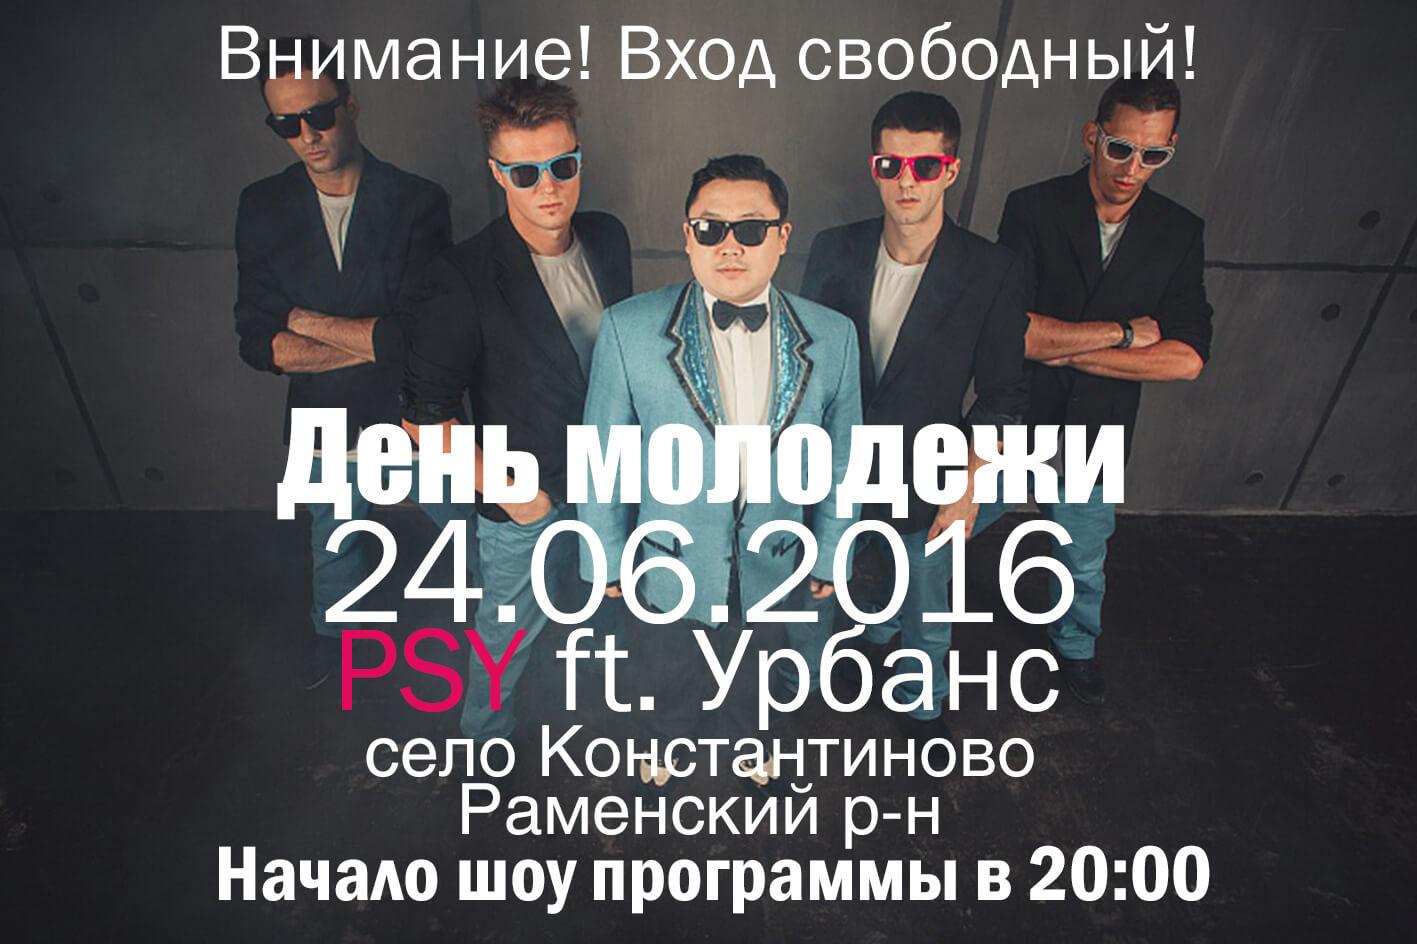 День молодежи в село Константиново с PSY и Урбанс